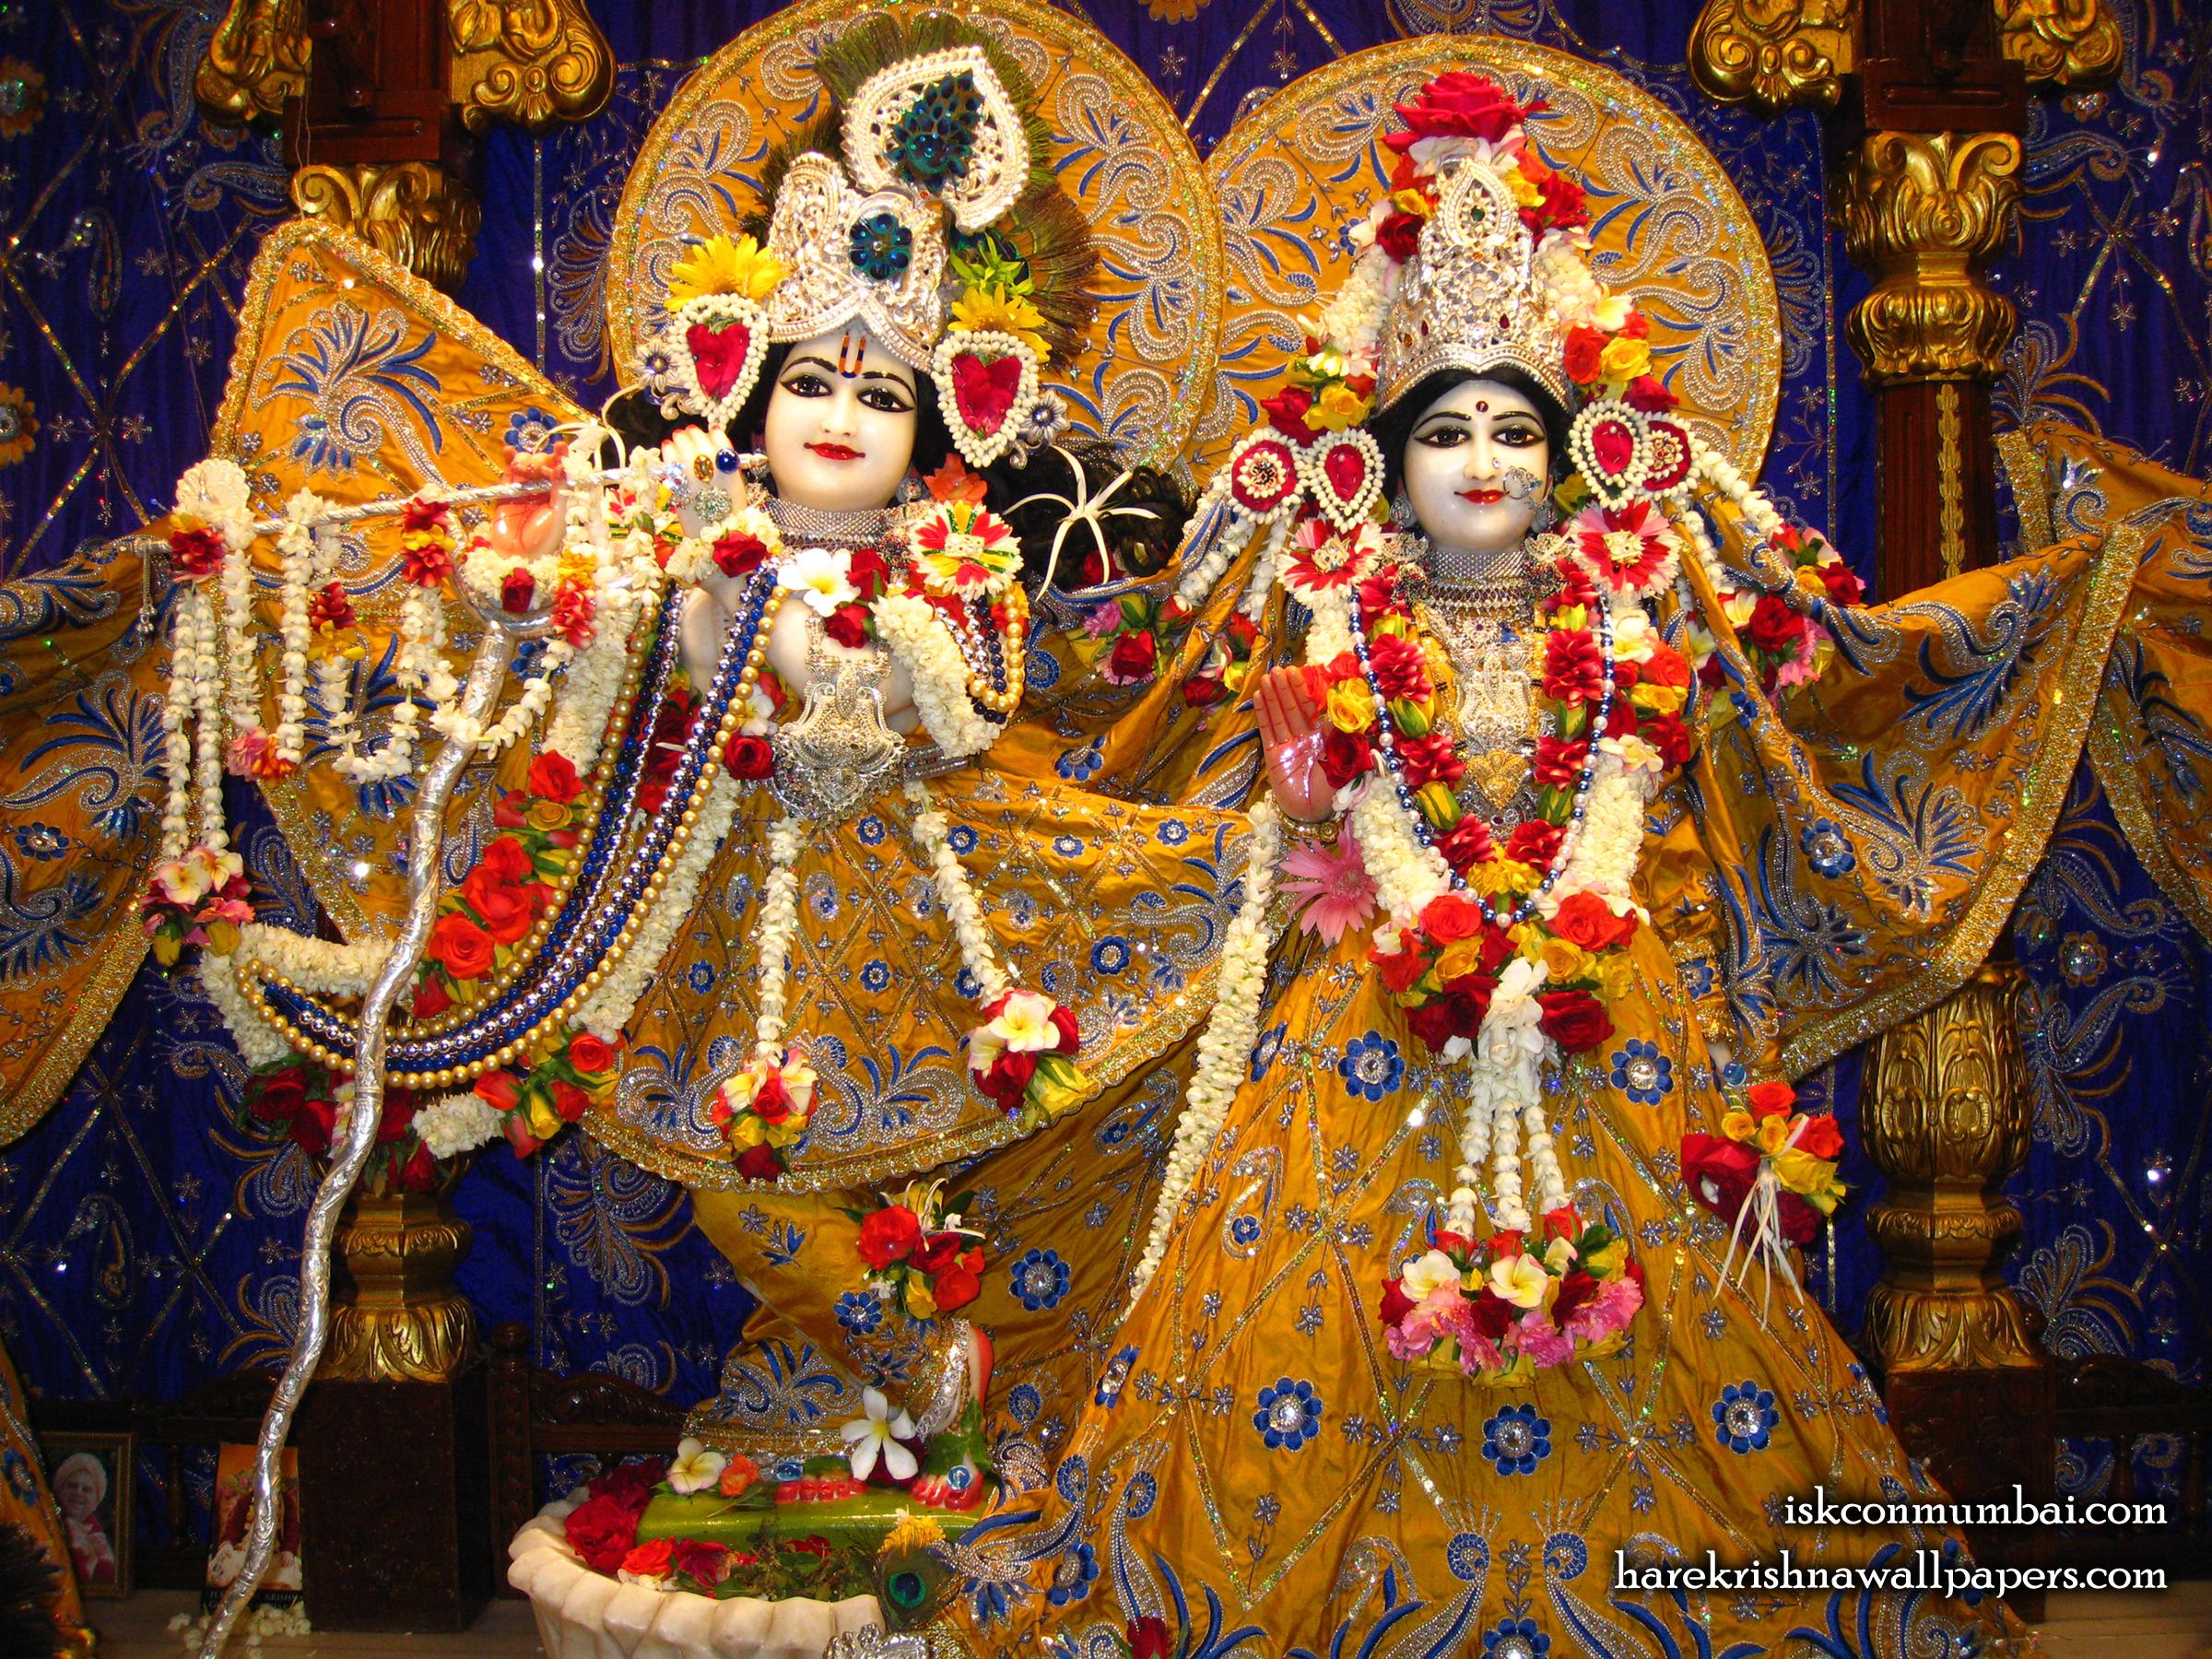 Sri Sri Radha Rasabihari Wallpaper (001) Size 2400x1800 Download